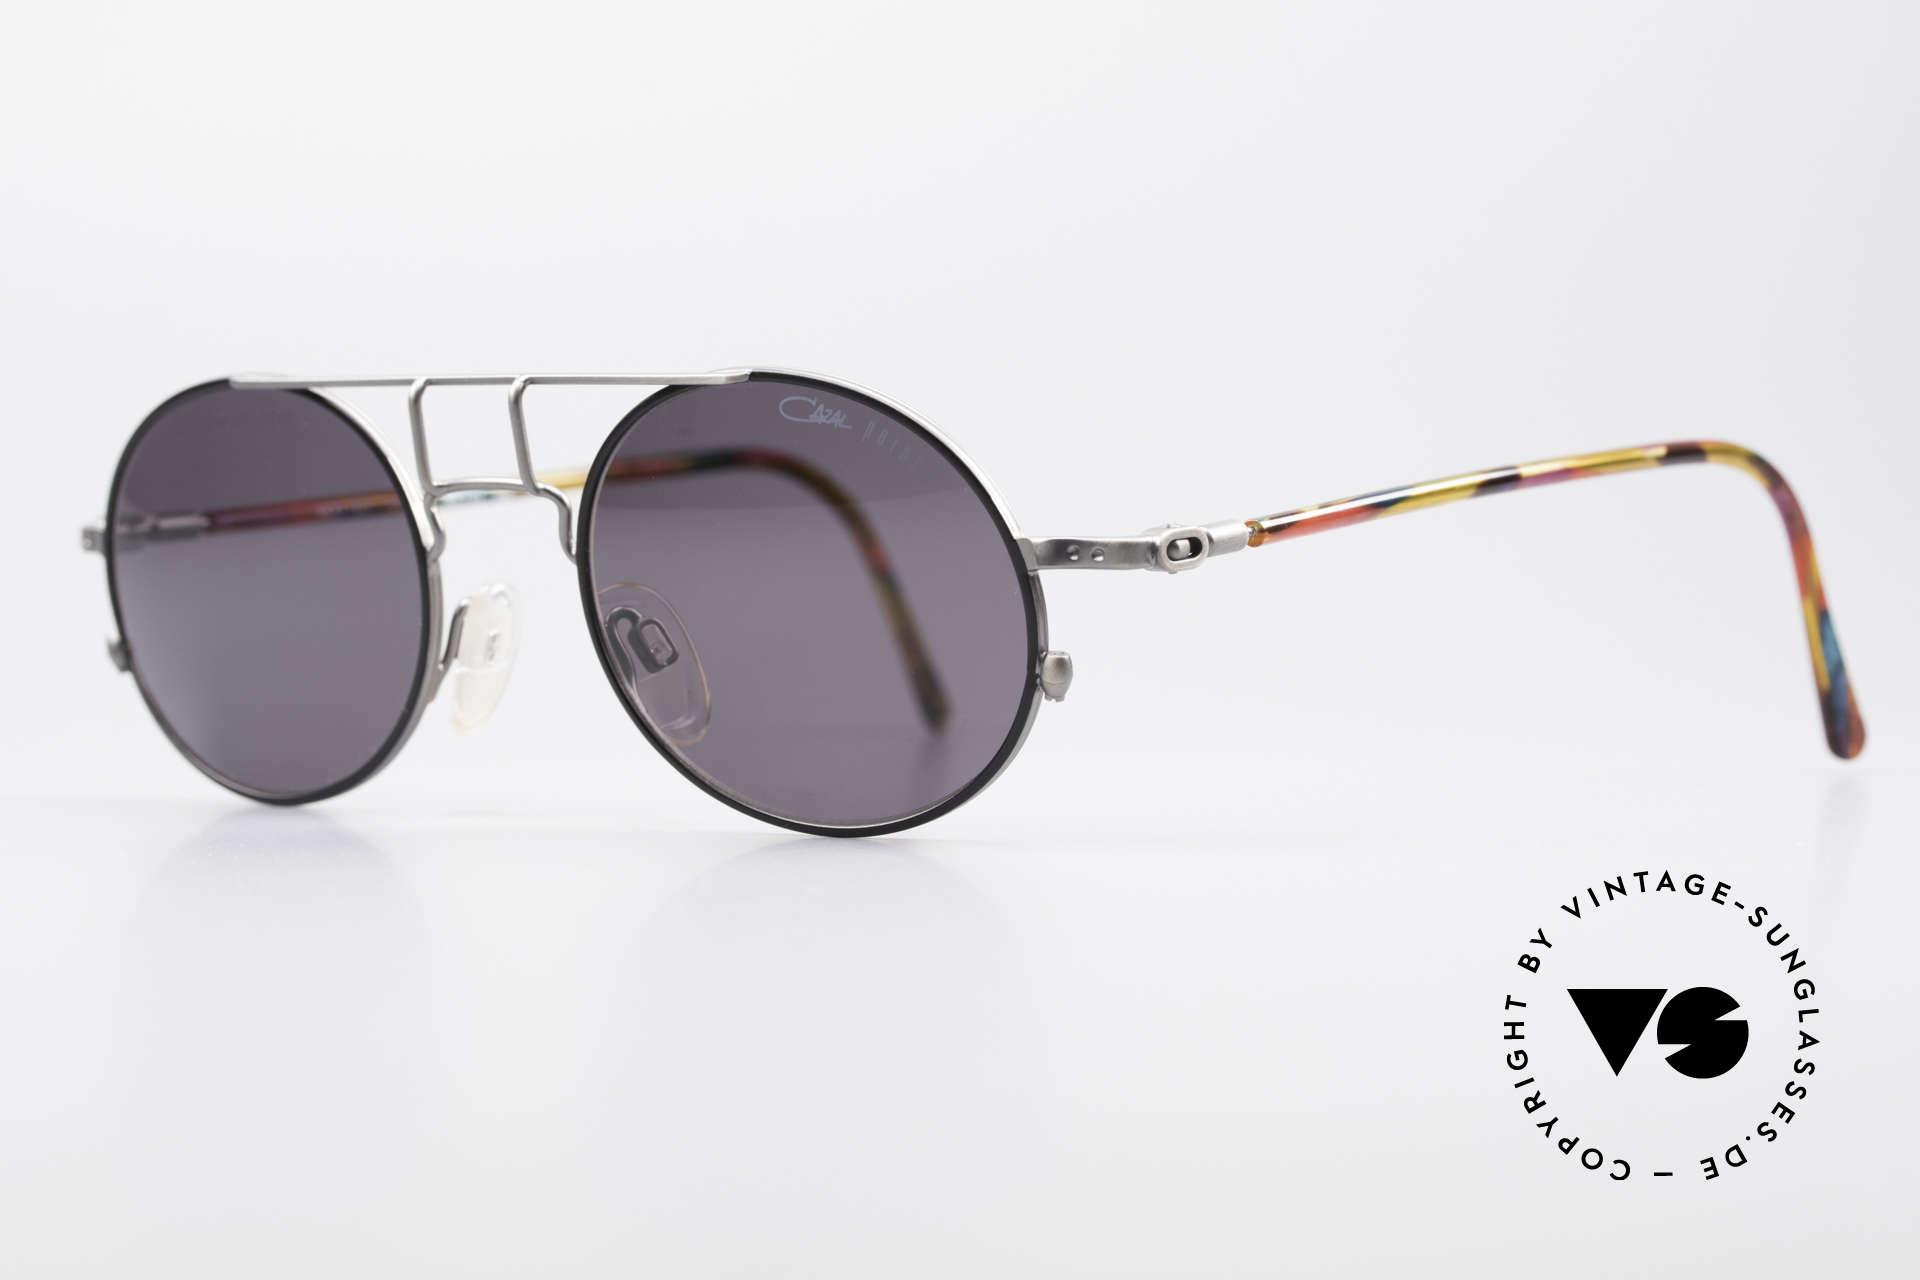 Cazal 1201 - Point 2 90er Industrial Sonnenbrille, fühlbare Spitzen-Verarbeitungsqualität (aus Germany), Passend für Herren